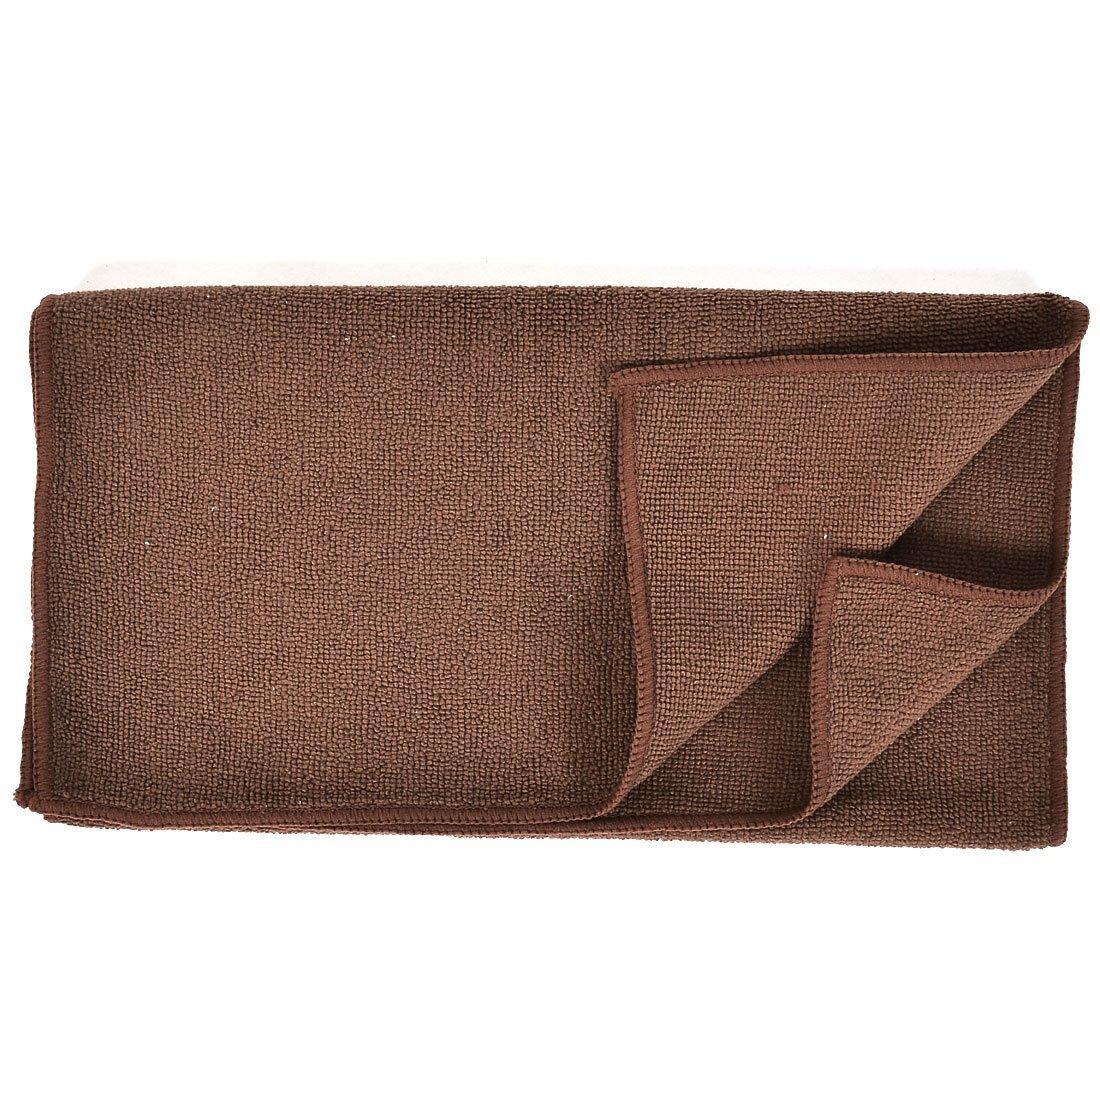 Amazon.com: eDealMax Mezcla de algodón Limpieza del hogar Baño cara de la Mano de toallas Terry paño de Brown: Home & Kitchen